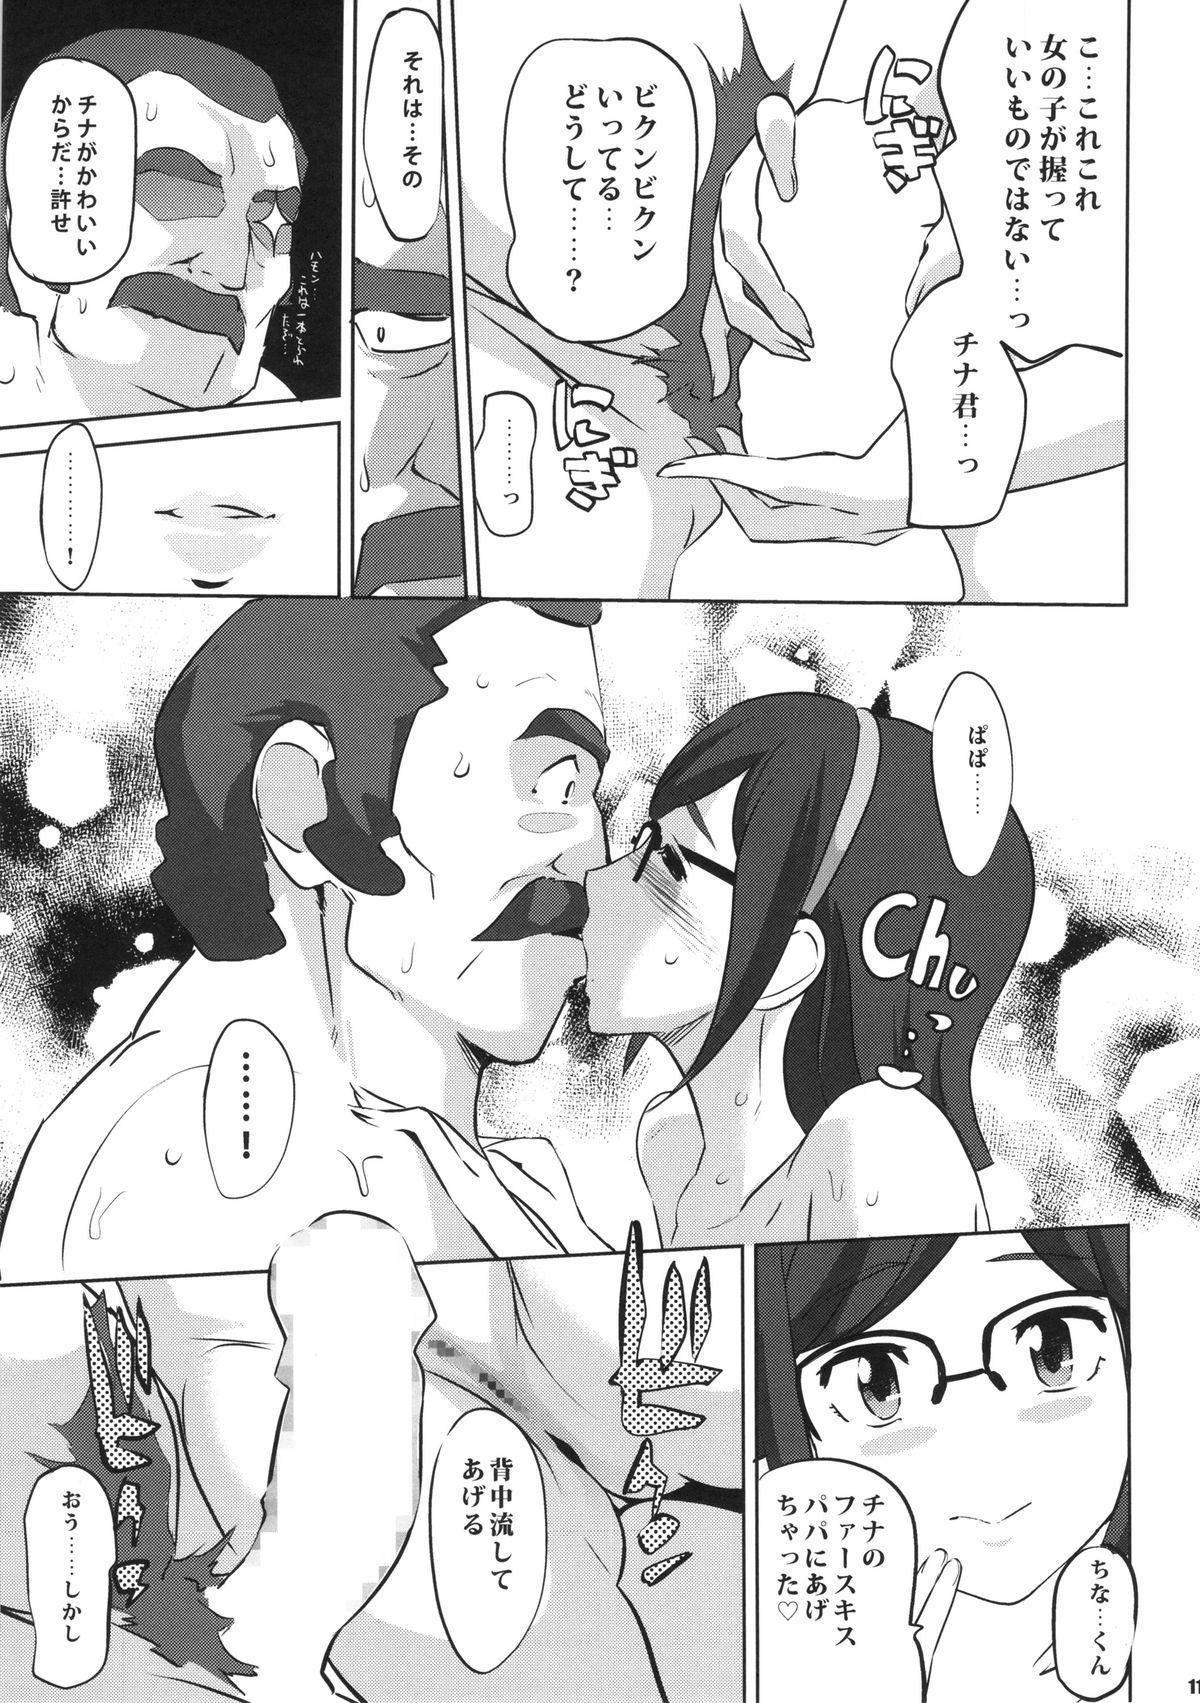 China no ennui Seichouki 10